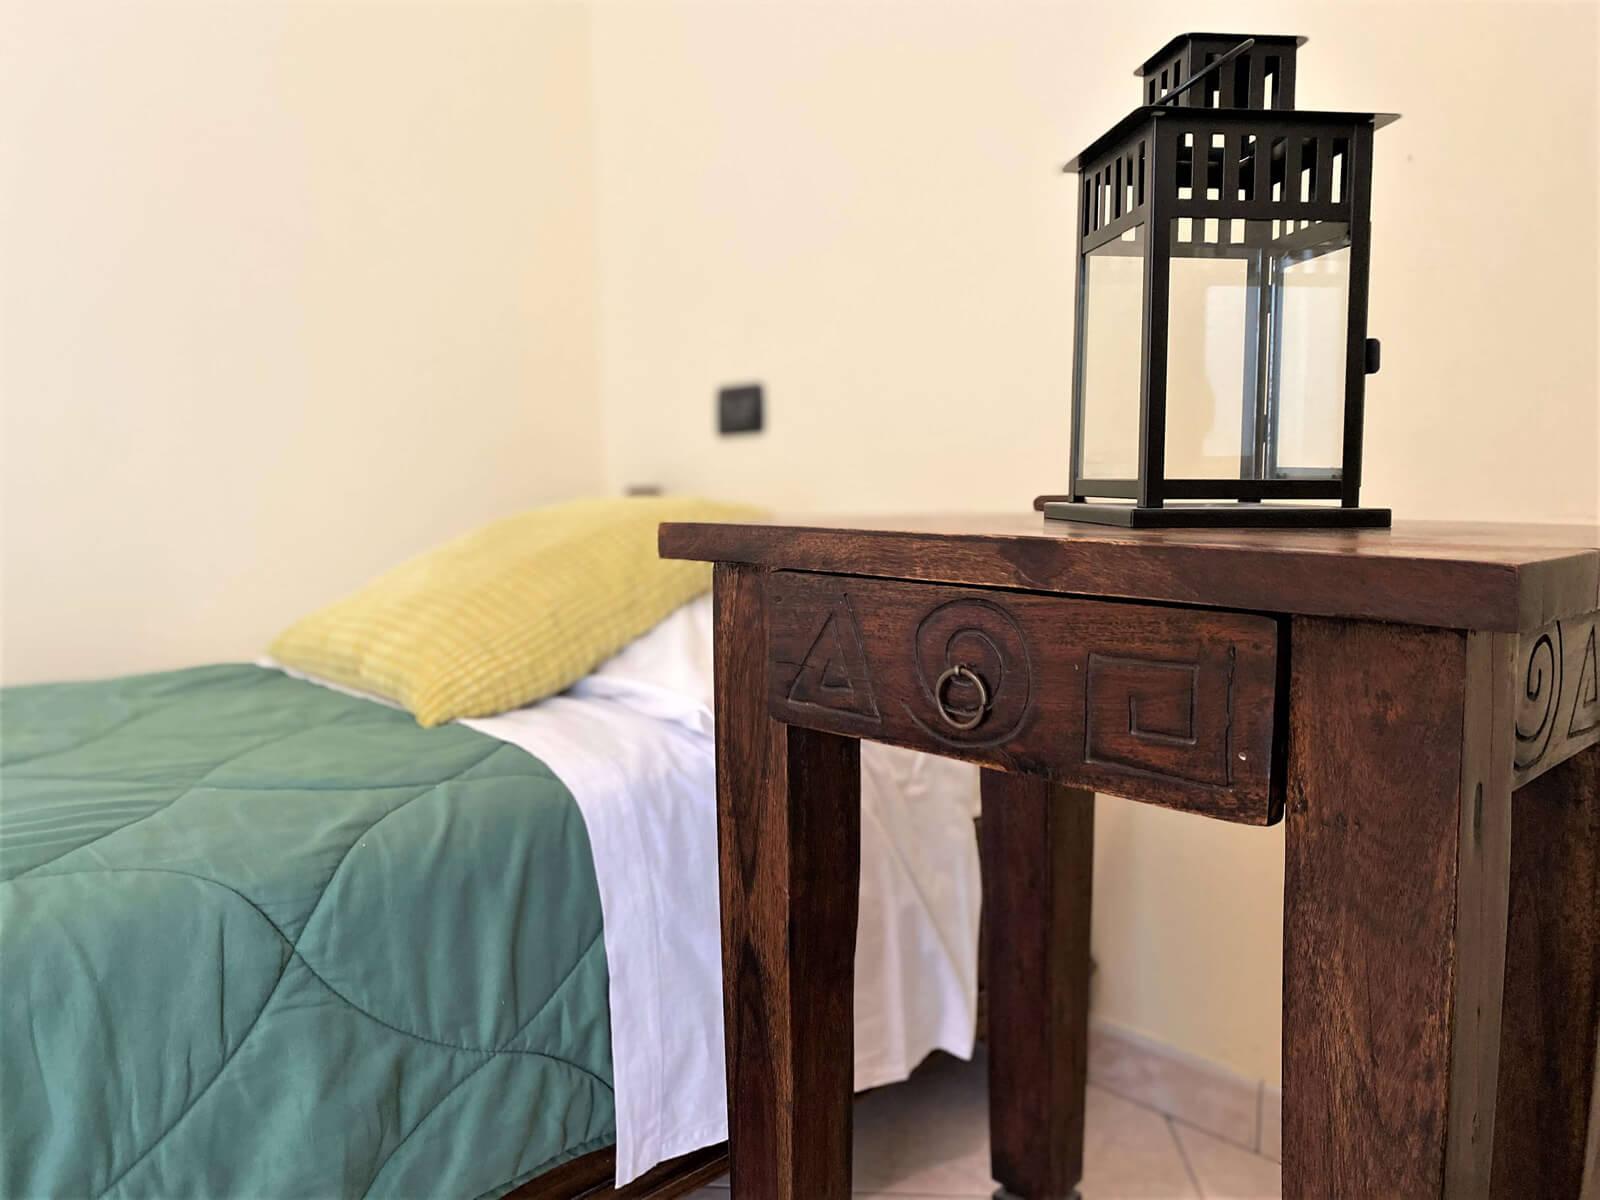 il-sentiero-casa-vacanze-appartamento-affitto-momo-novara-lago-maggiore-6